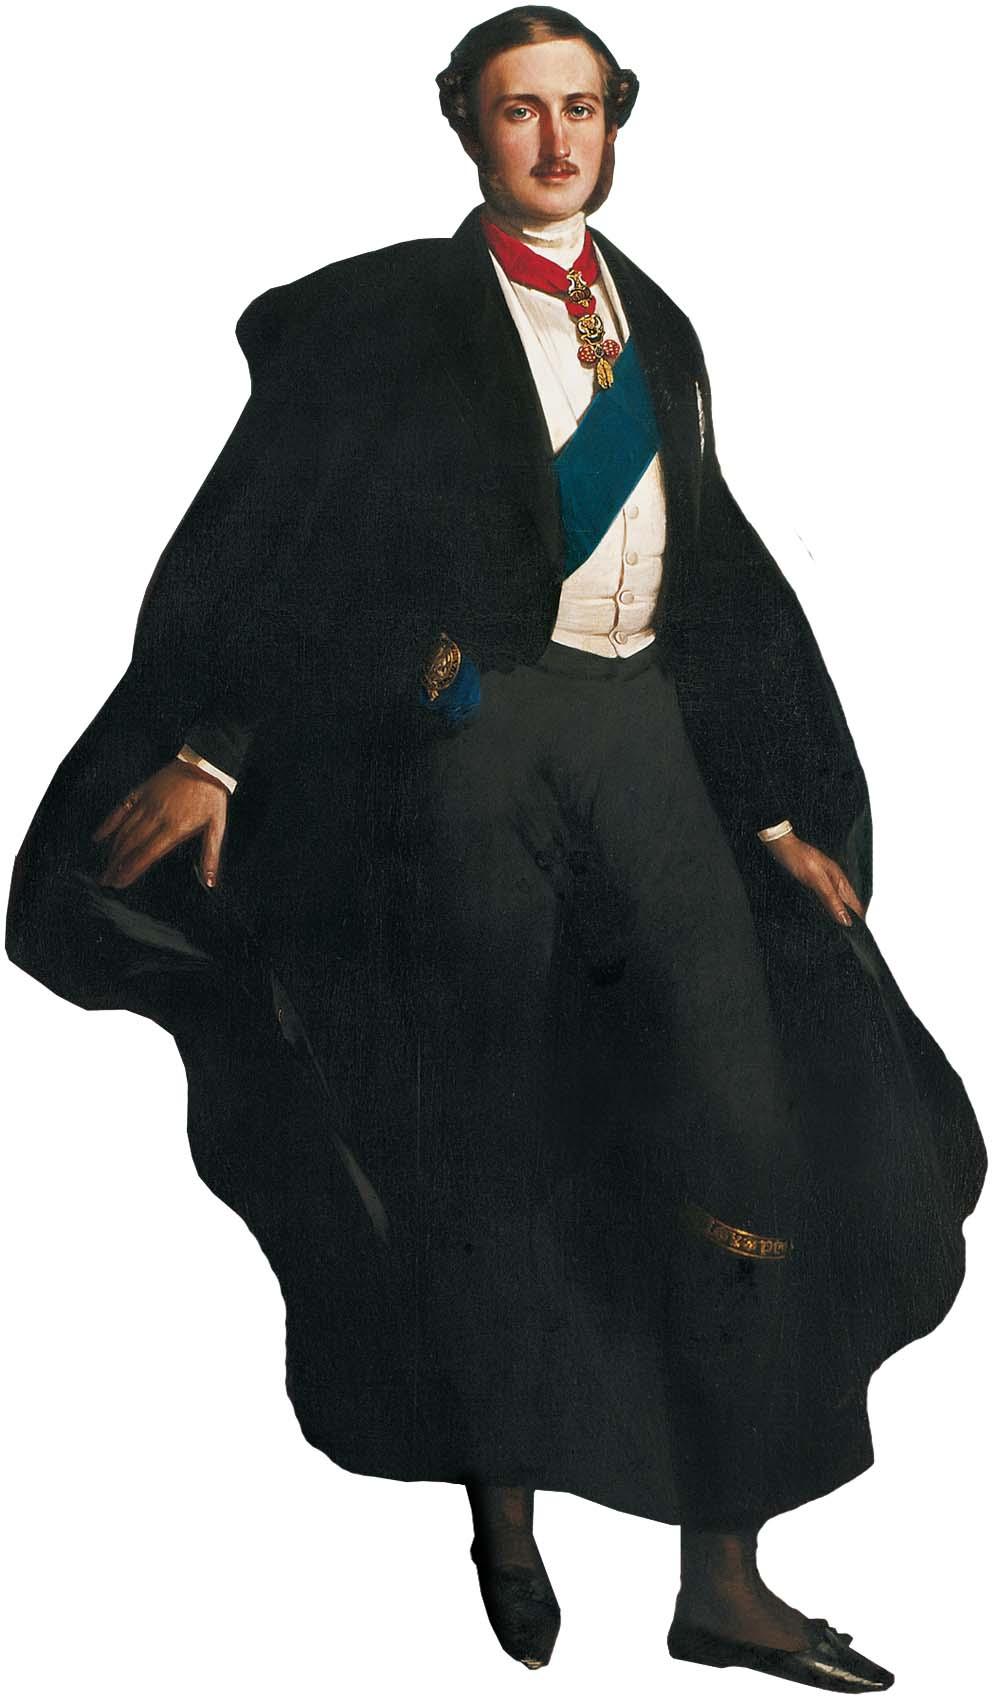 Prinz Albert von Sachsen-Coburg und Gotha - Über sein